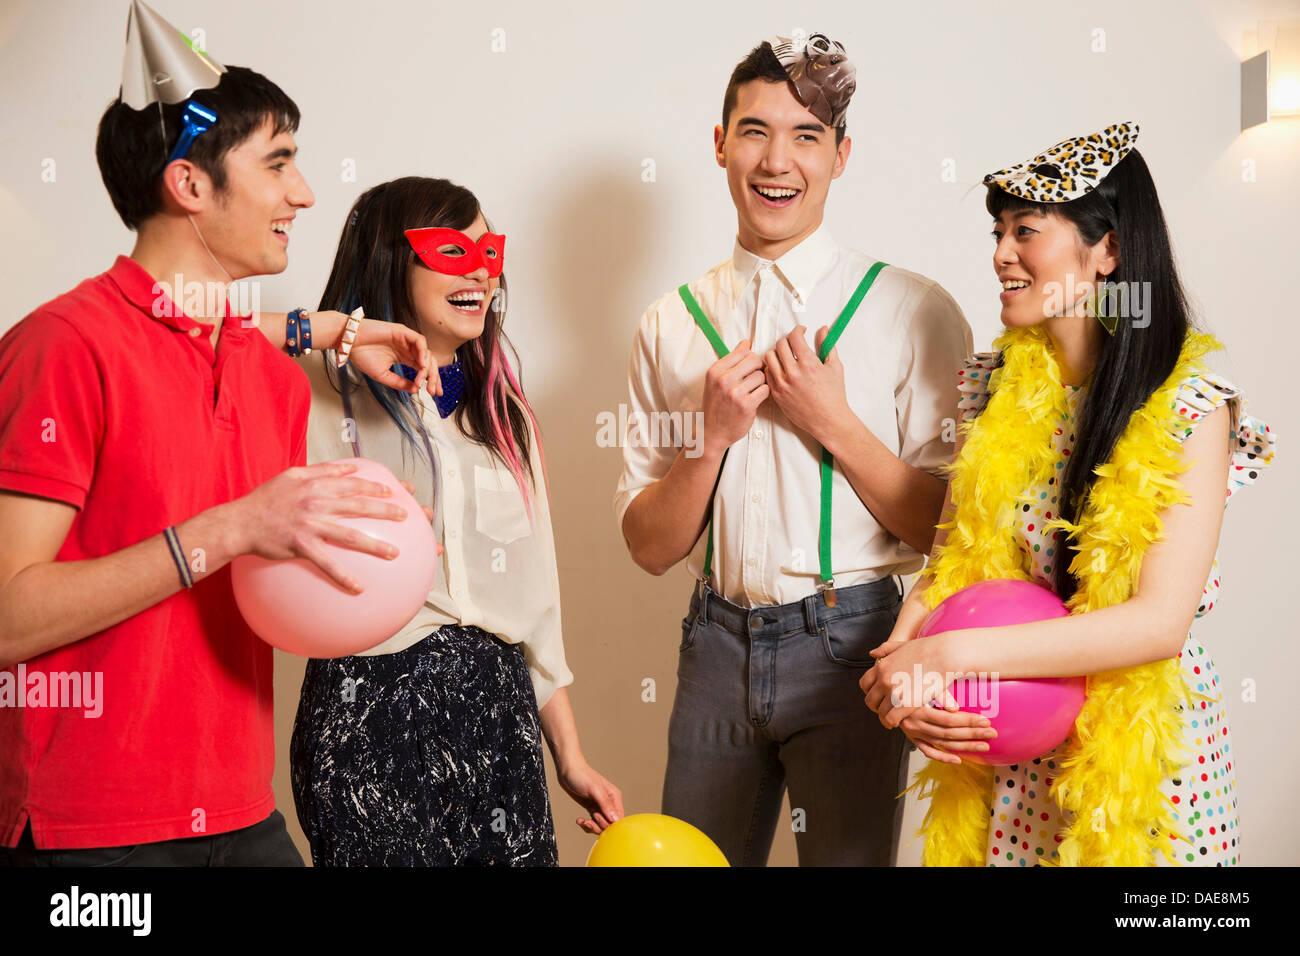 Gli amici a una festa con palloncini, studio shot Immagini Stock